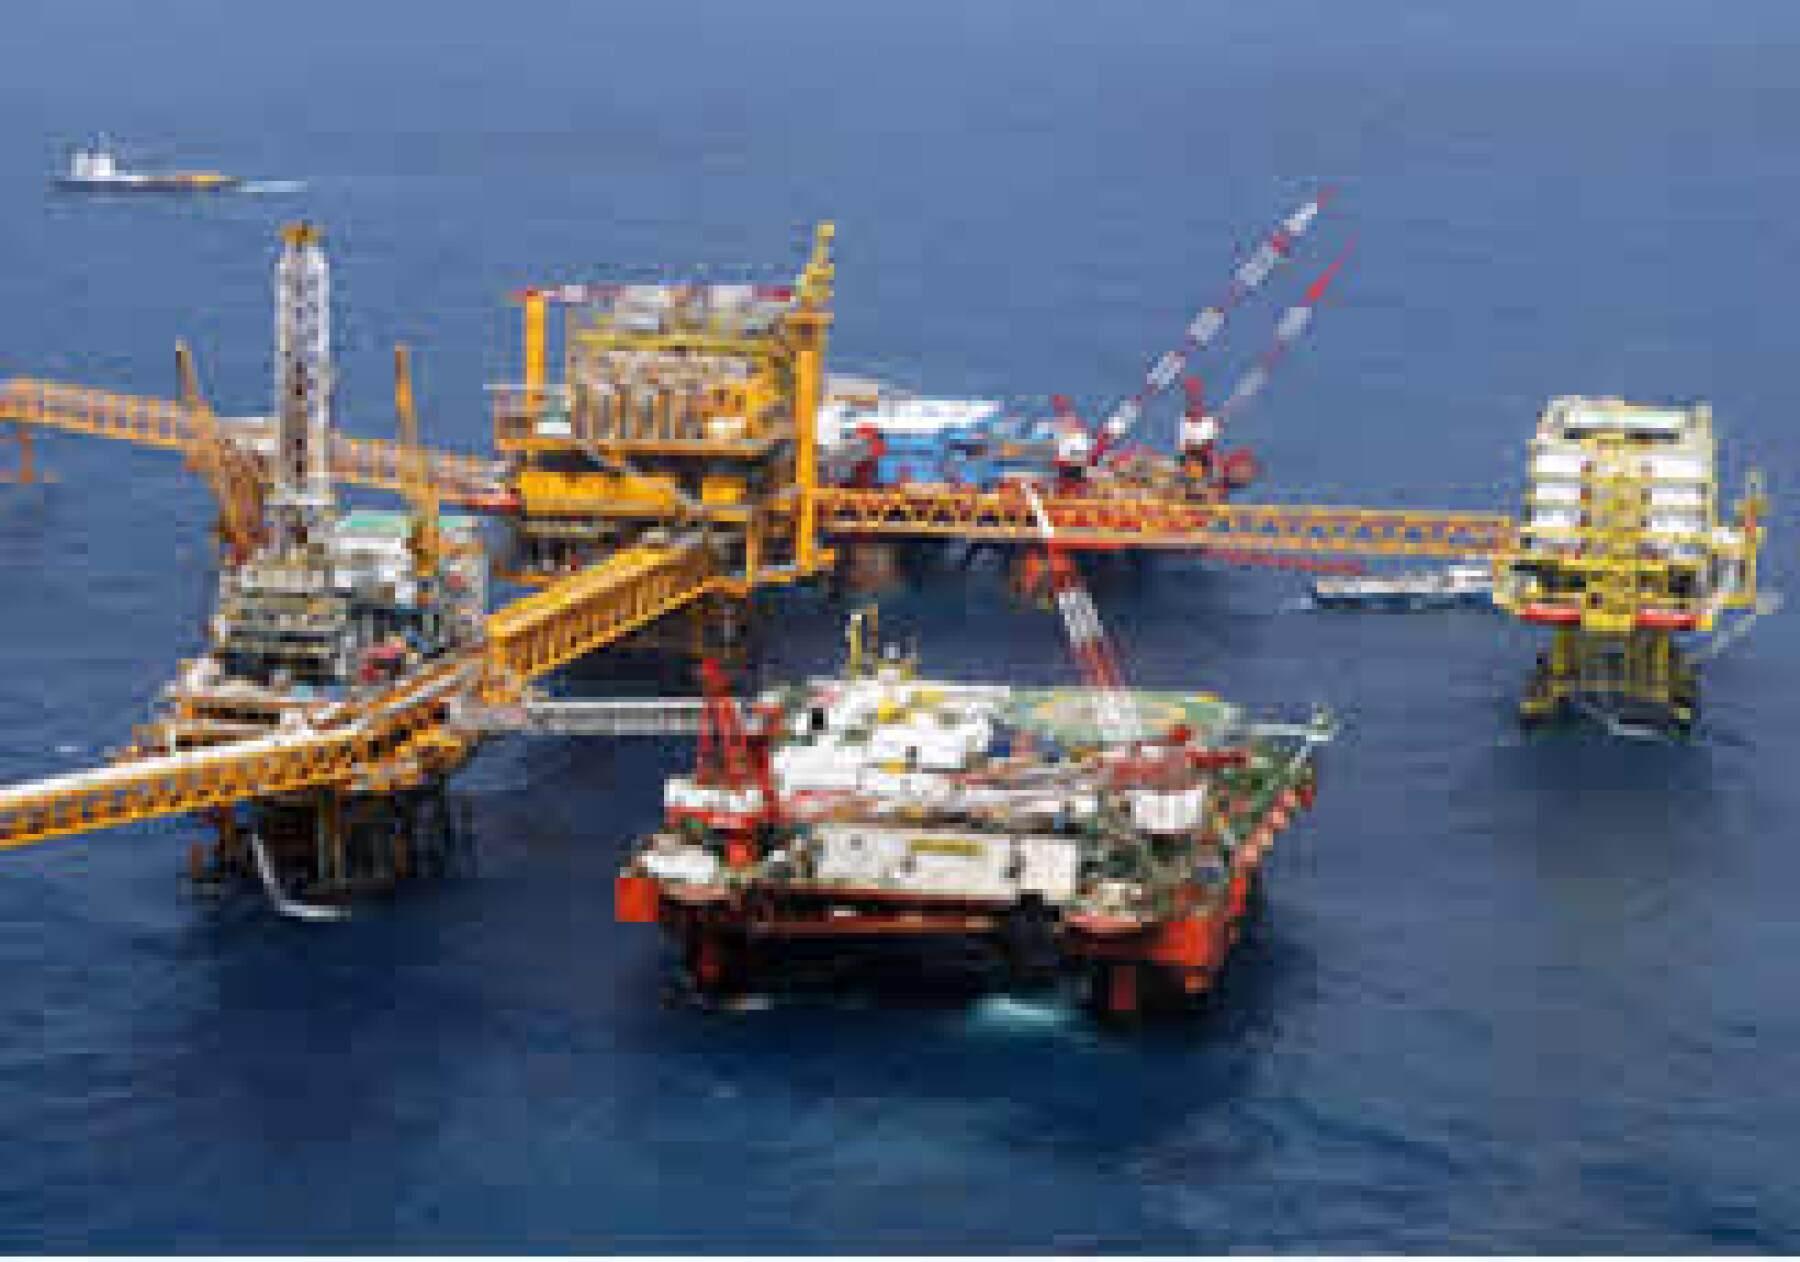 La petrolera registró una caída de 512% en su utilidad neta entre 2007 y 2008. (Foto: Pemex)